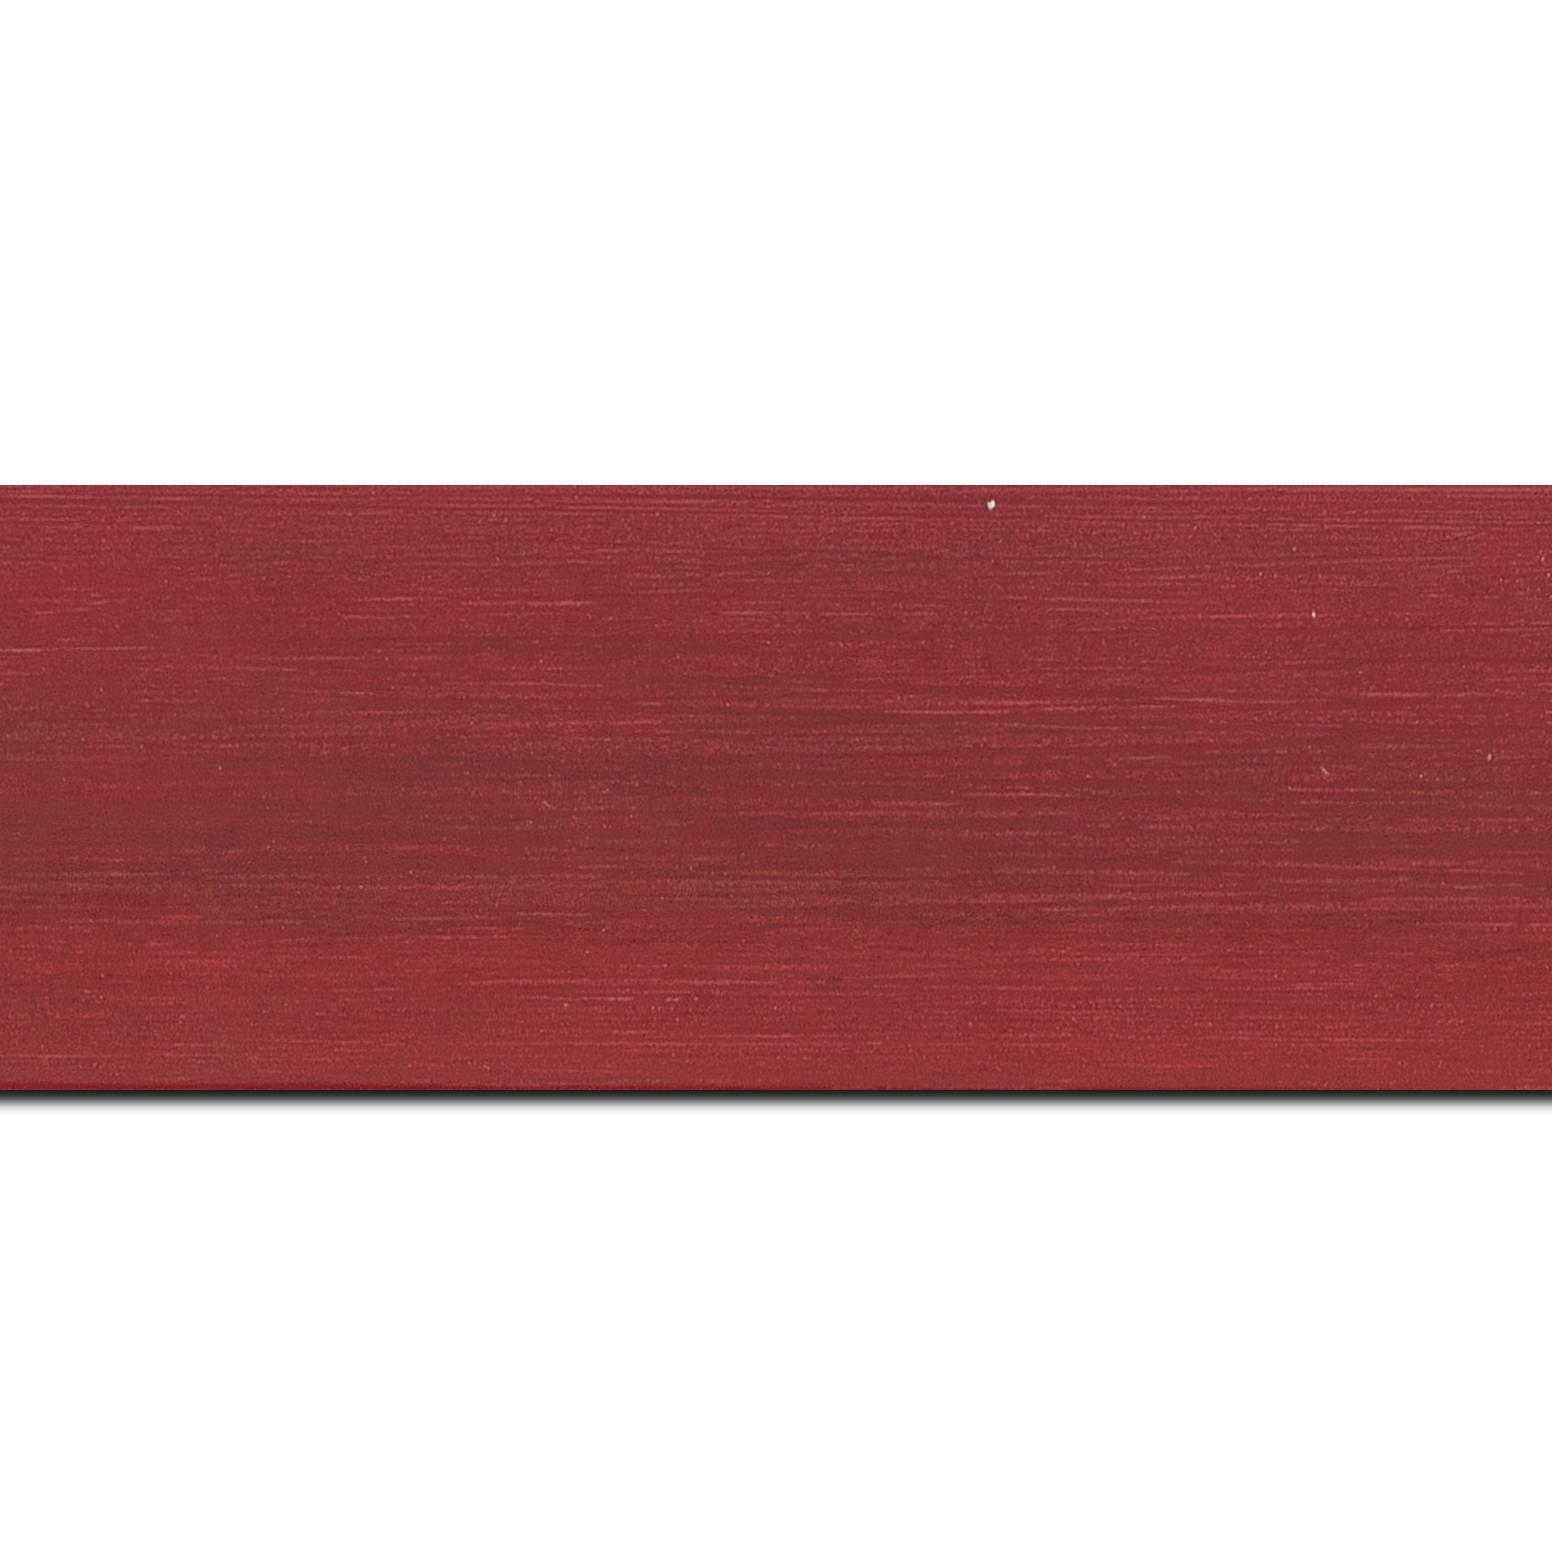 Pack par 12m, bois profil plat largeur 6cm bordeaux satiné effet veiné ,chant extérieur du cadre de couleur noire(longueur baguette pouvant varier entre 2.40m et 3m selon arrivage des bois)